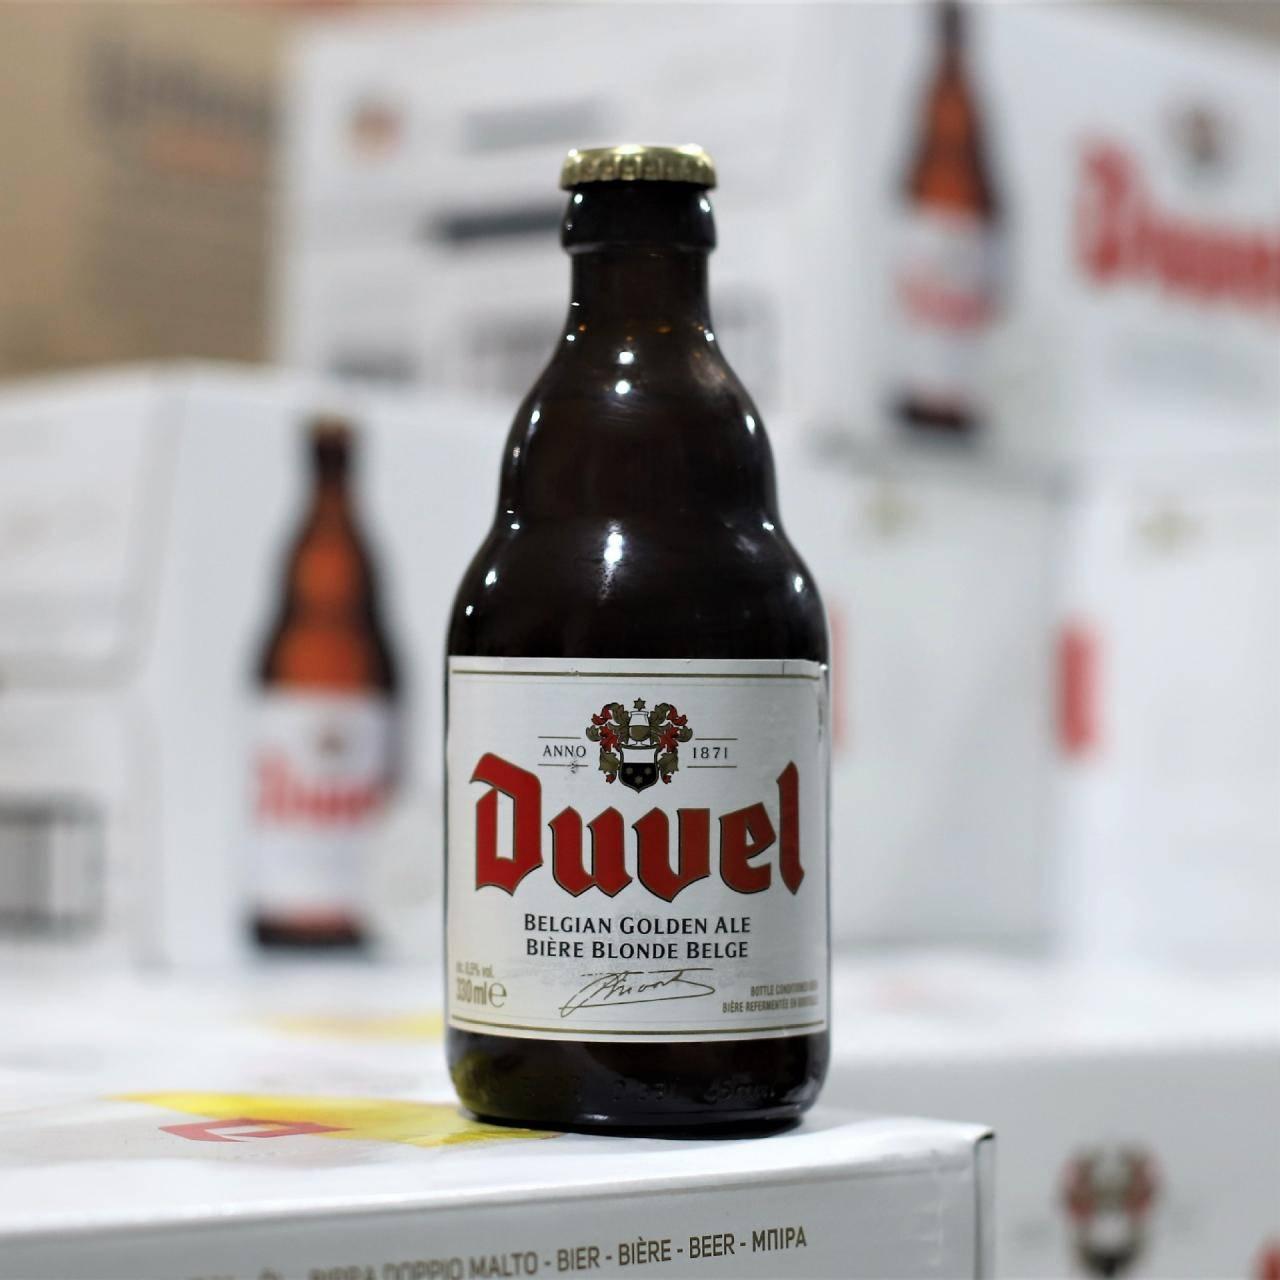 精酿啤酒品牌排行督威-精酿啤酒有哪些品牌?-大麦丫-精酿啤酒连锁超市,工厂店平价酒吧免费加盟